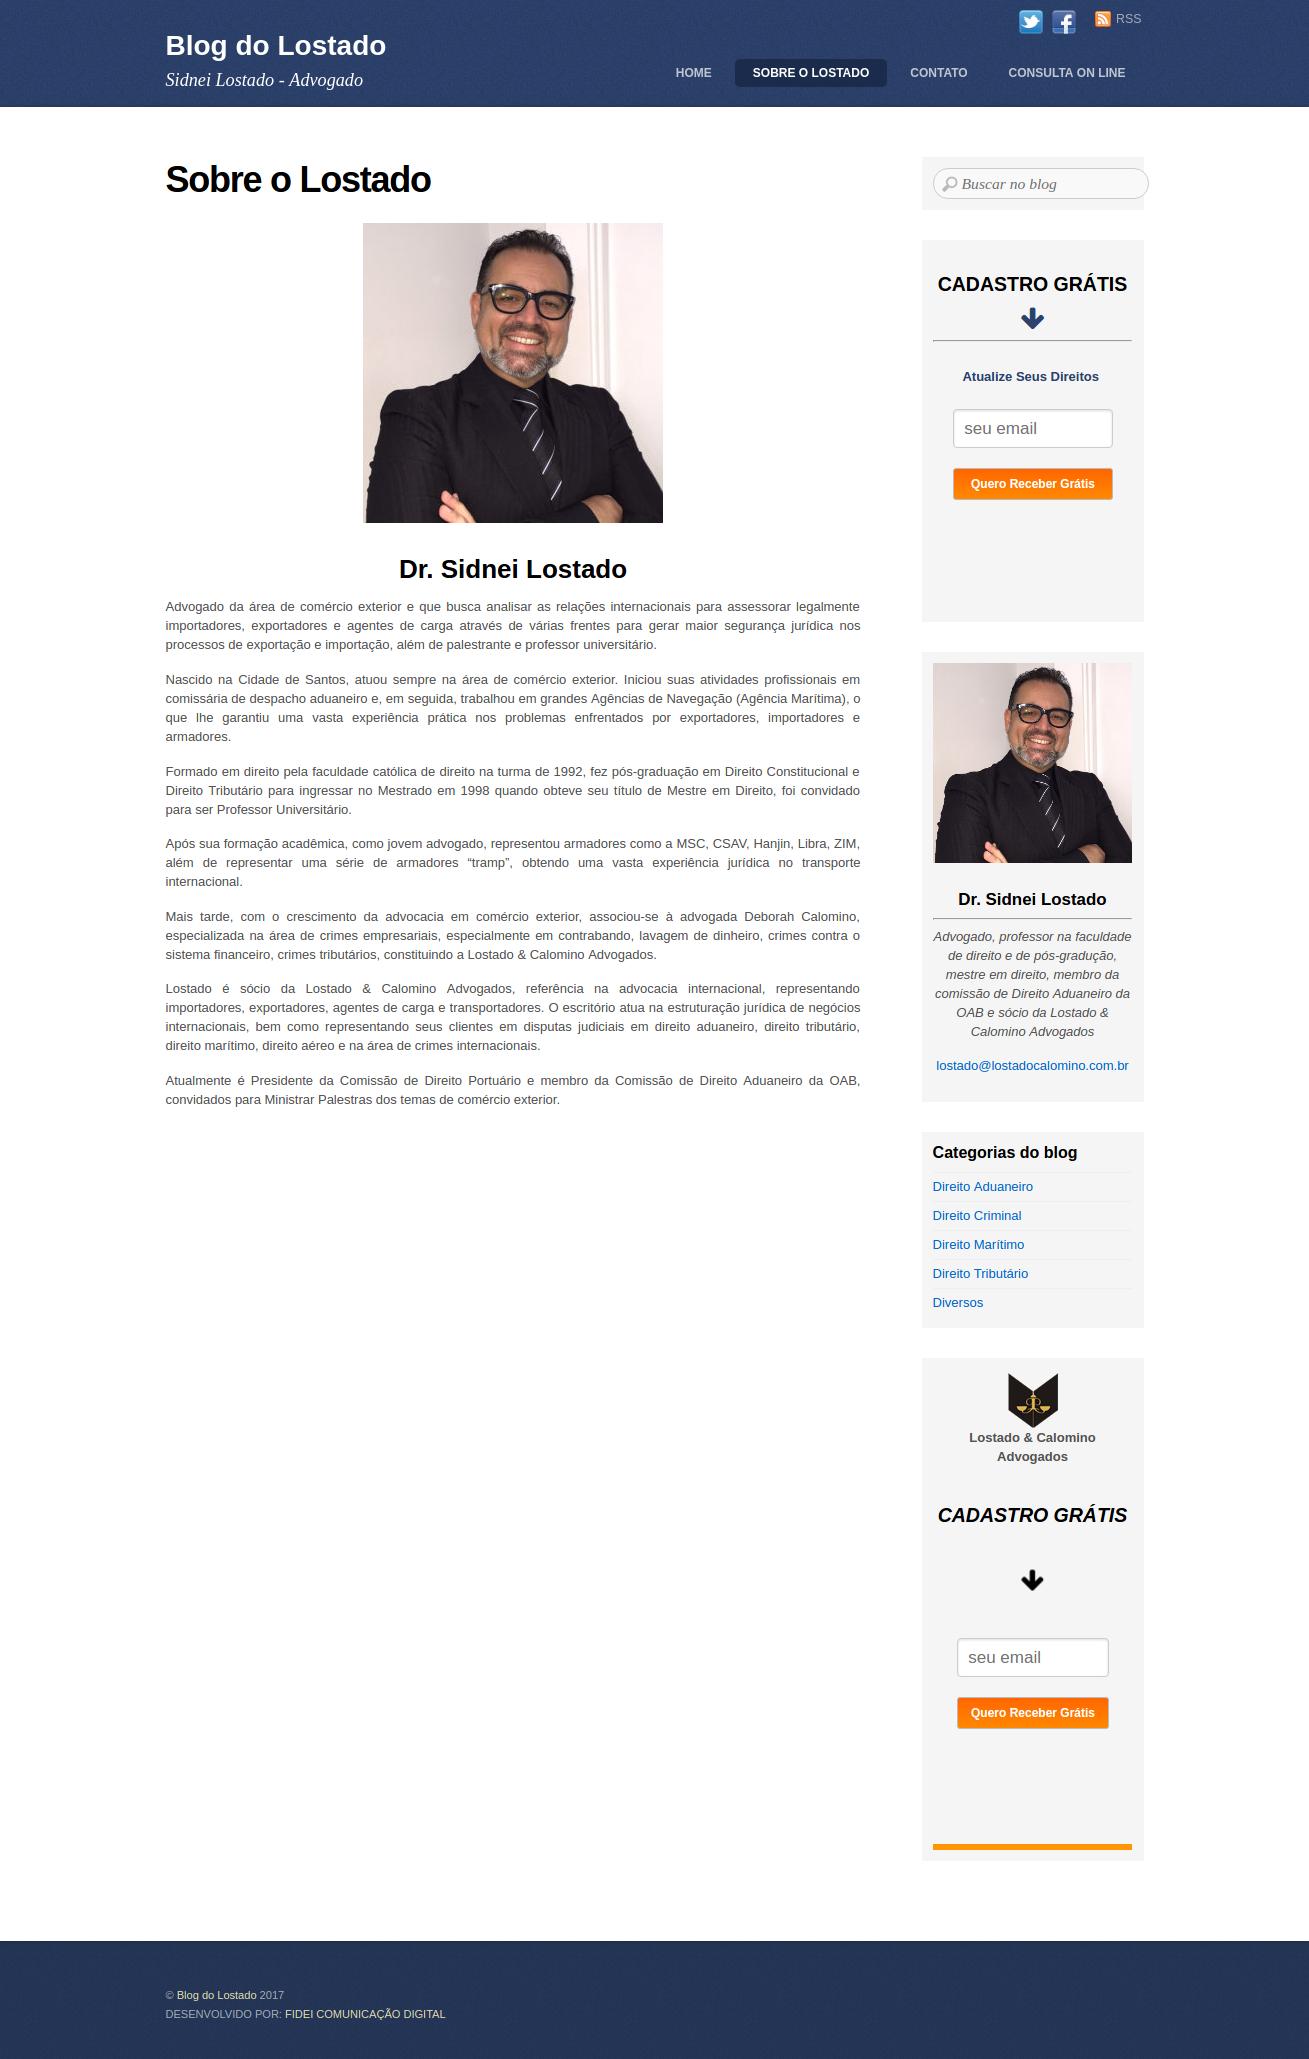 Blog Lostado